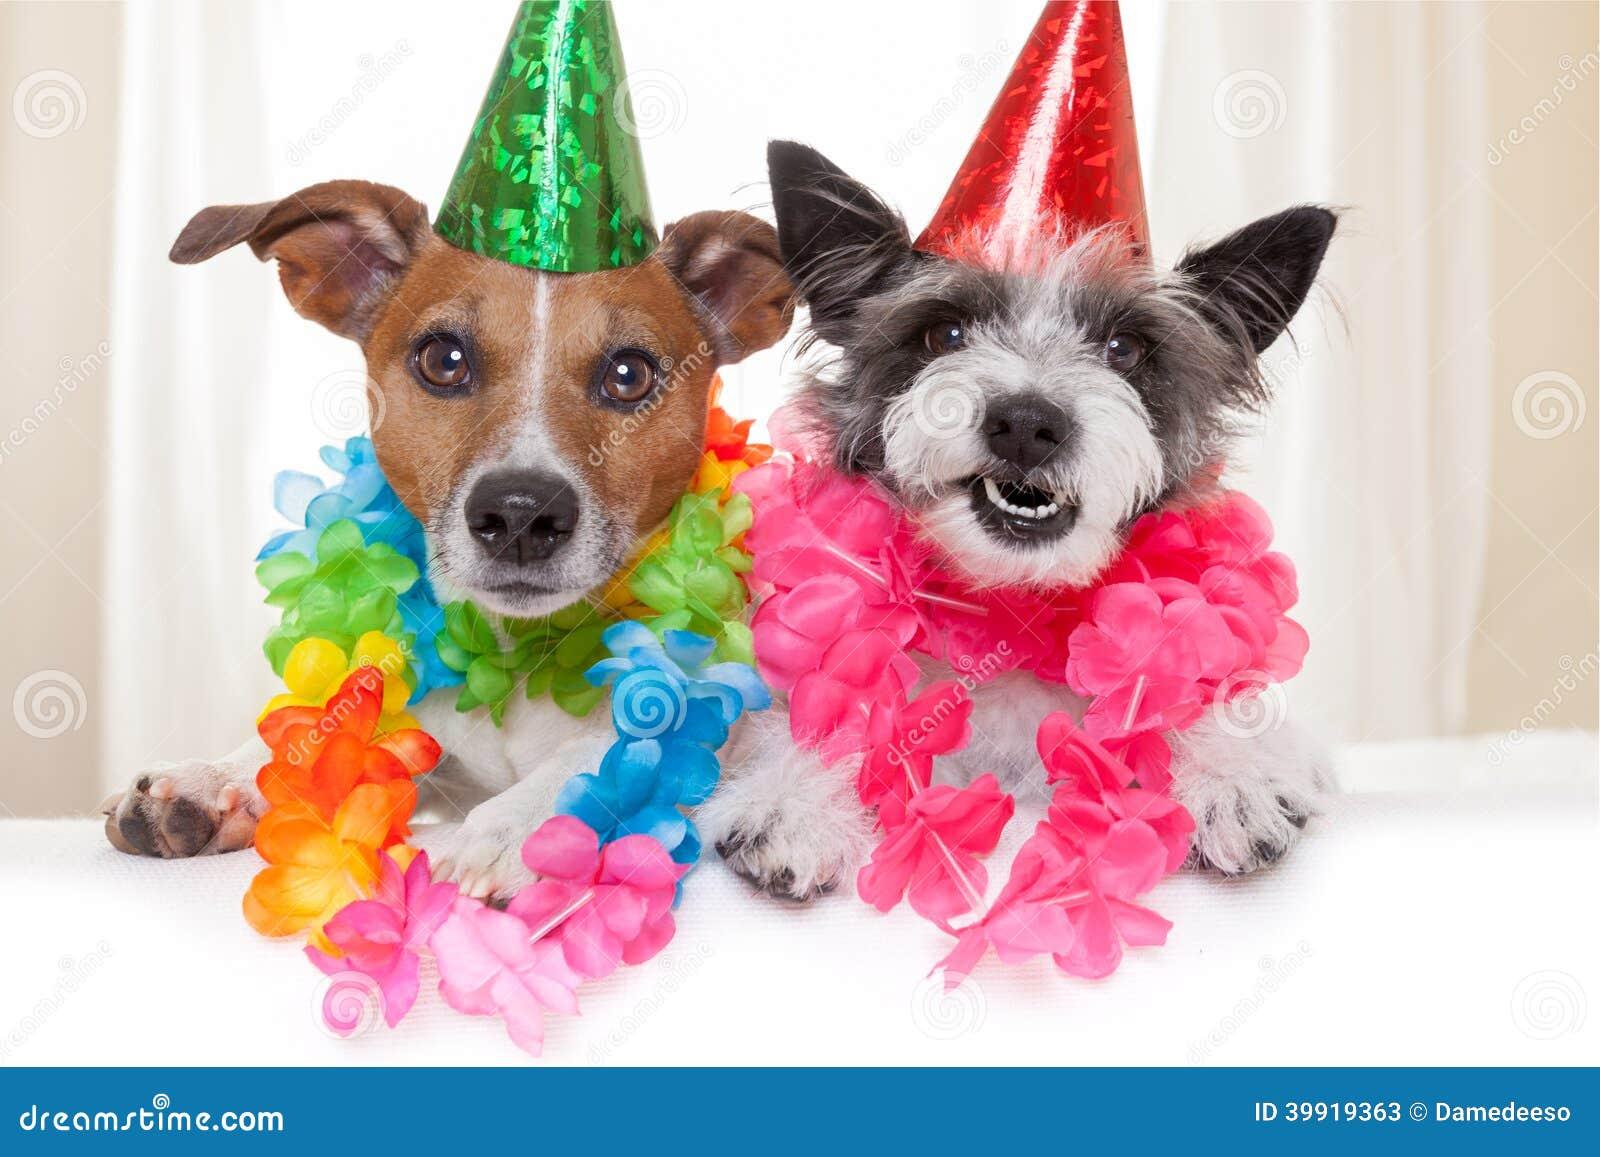 Alles Gute Zum Geburtstaghunde Stockbild Bild Von Stimmung Hund